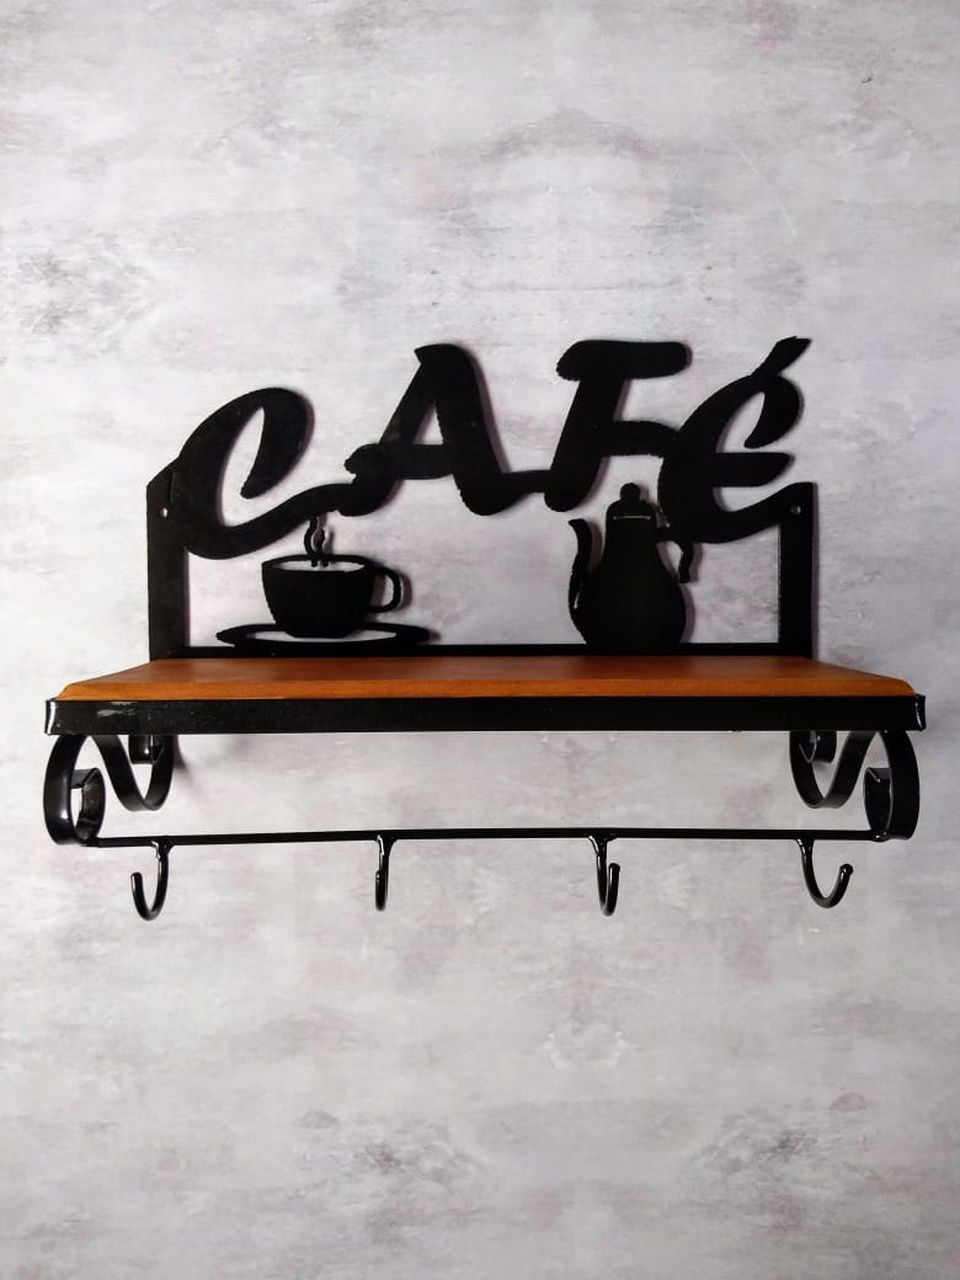 Image of: Prateleira Madeira E Ferro Cafe Com Ganchos Artesanato Segredo De Minas Um Pedacinho De Minas Para Sua Casa